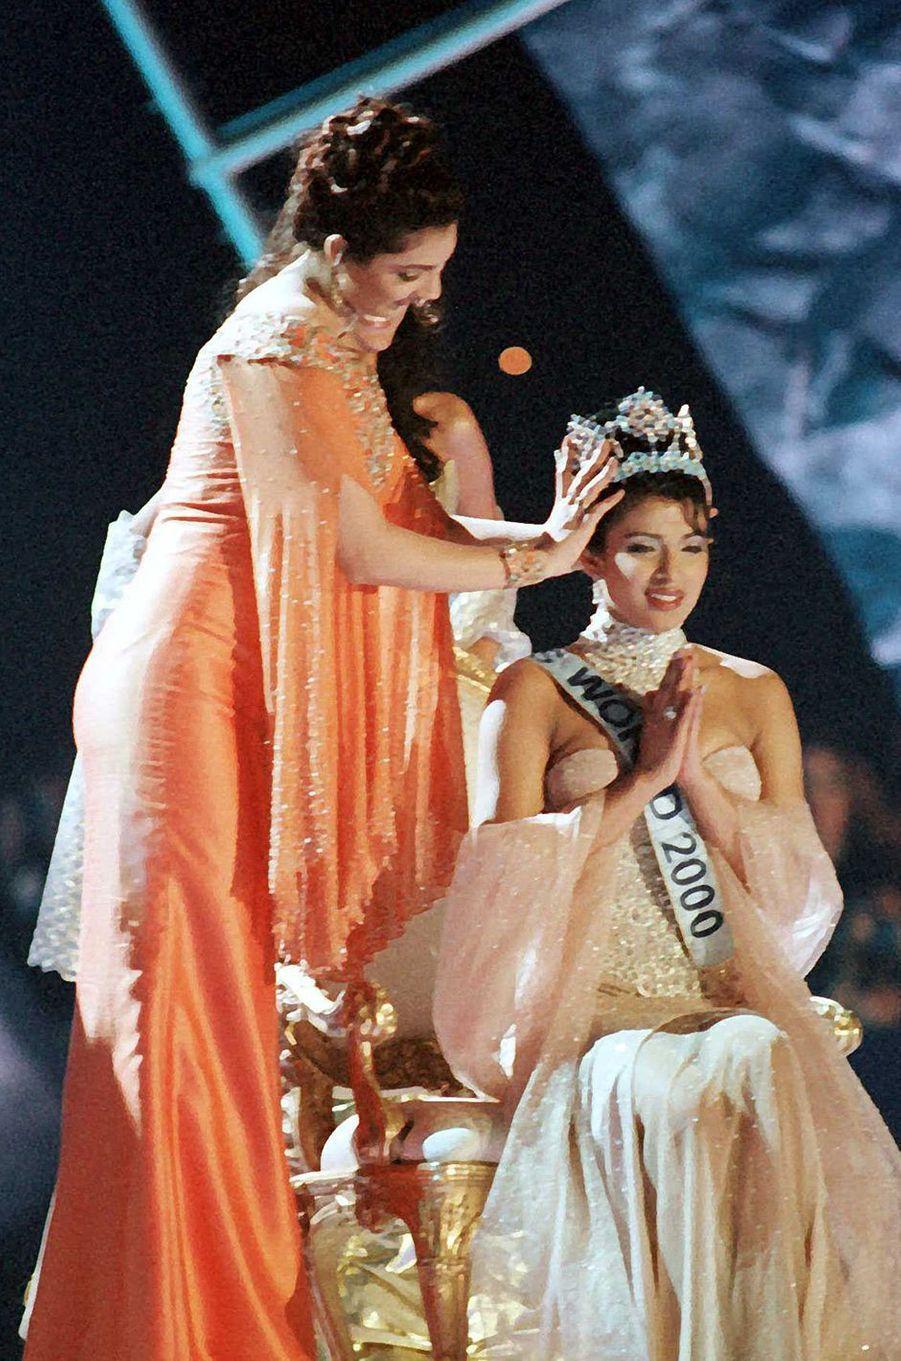 Priyanka Chopra, Miss Monde 2000, lors de son couronnement au Dôme du Millénaire de Londres le 30 novembre 2000